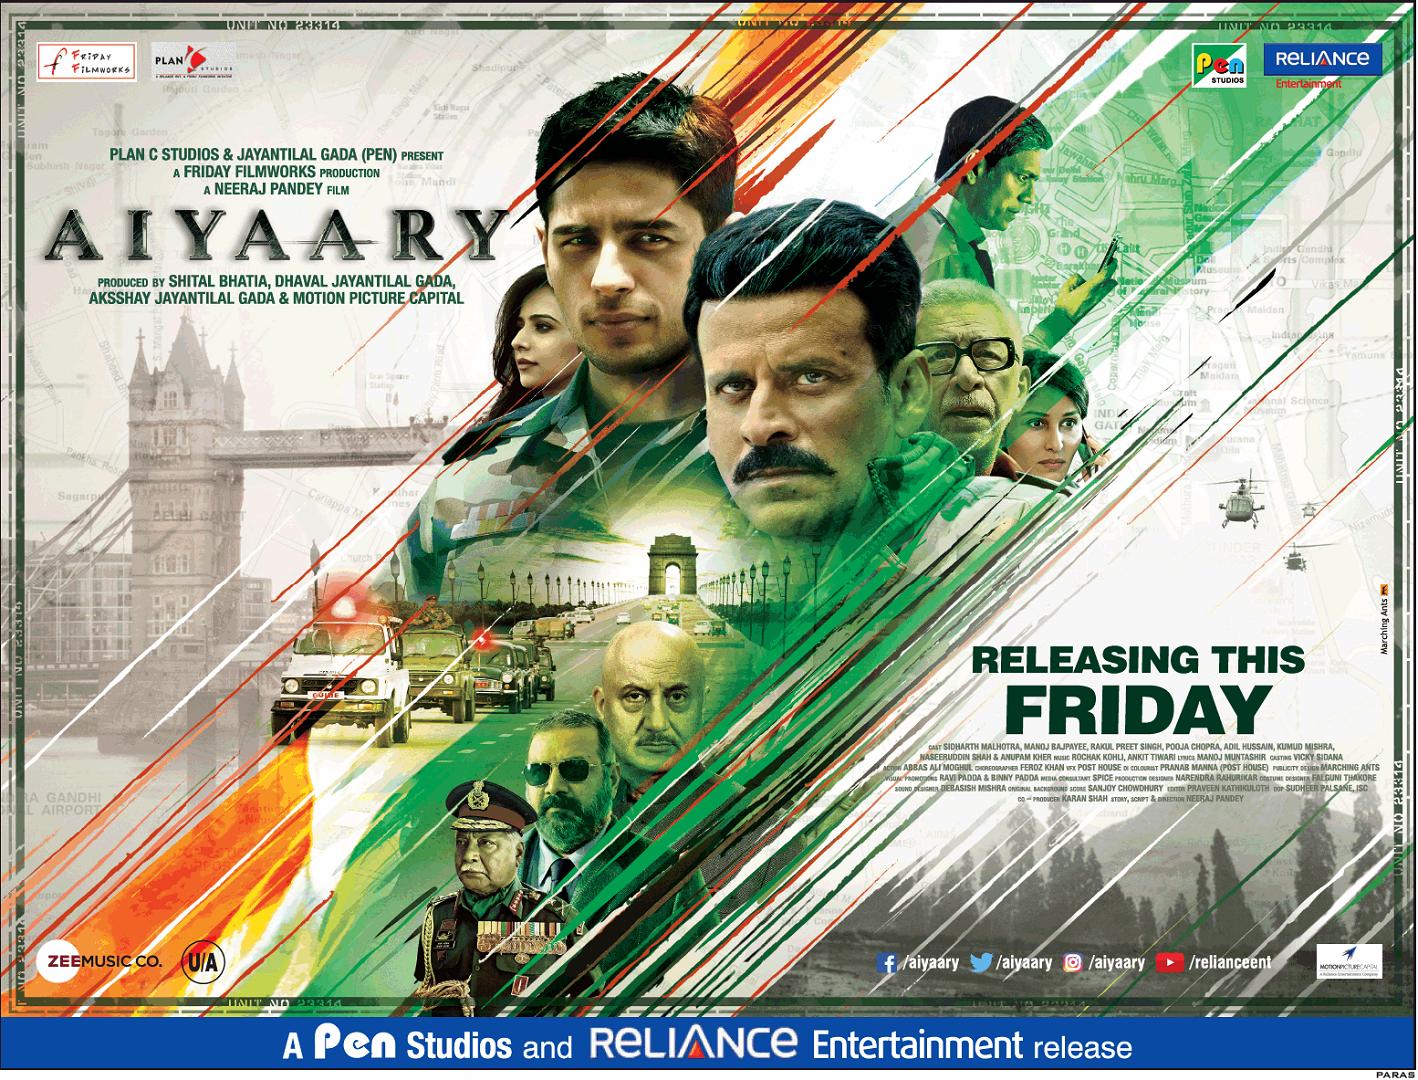 Neeraj Pandey S Weakest Film Aiyaary Audience Review Mouthshut Com